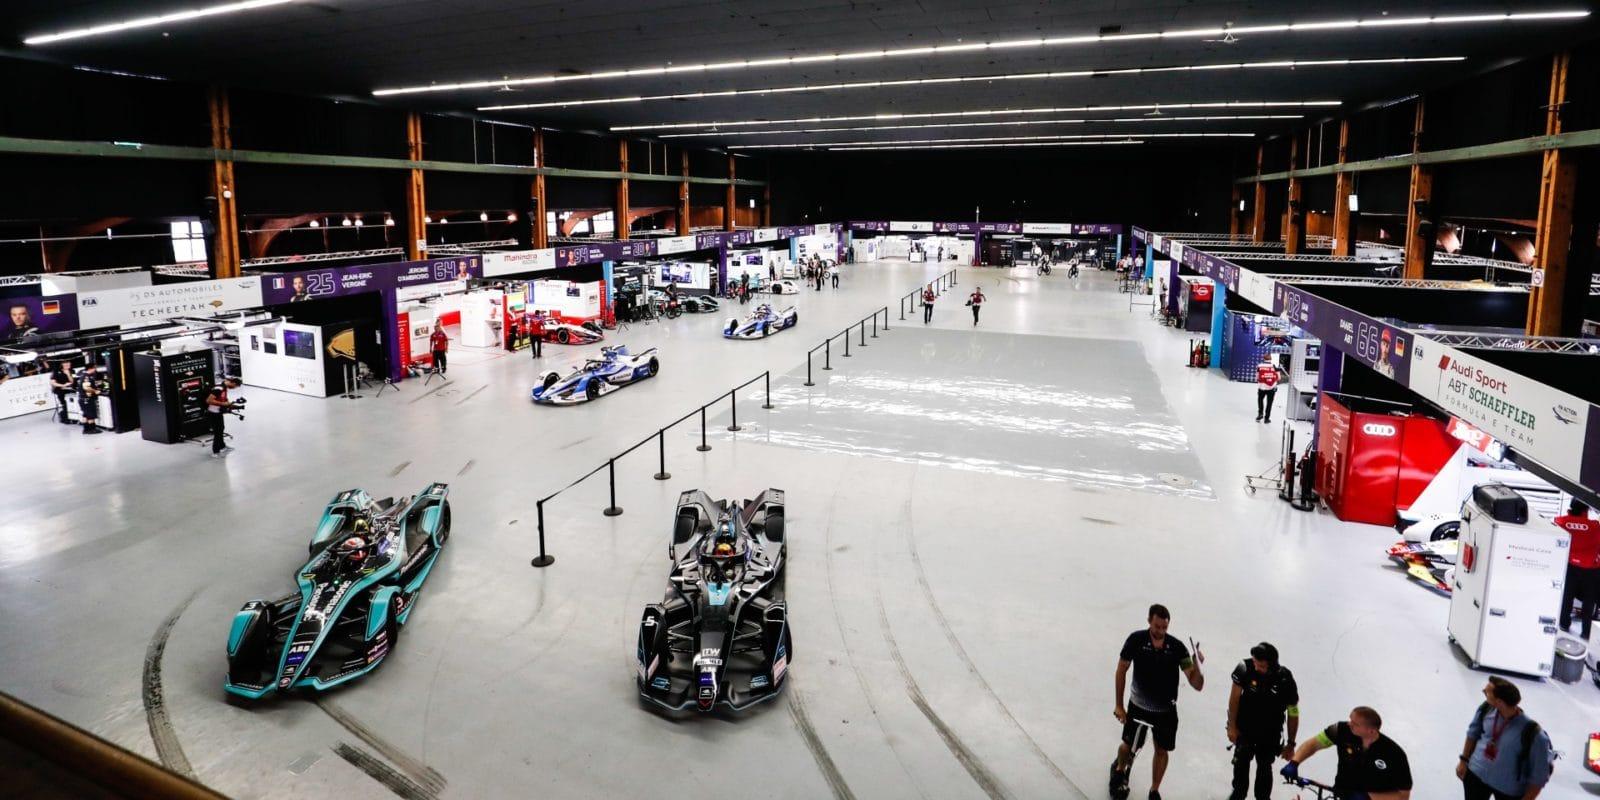 Závod v Bernu provázely organizační komplikace